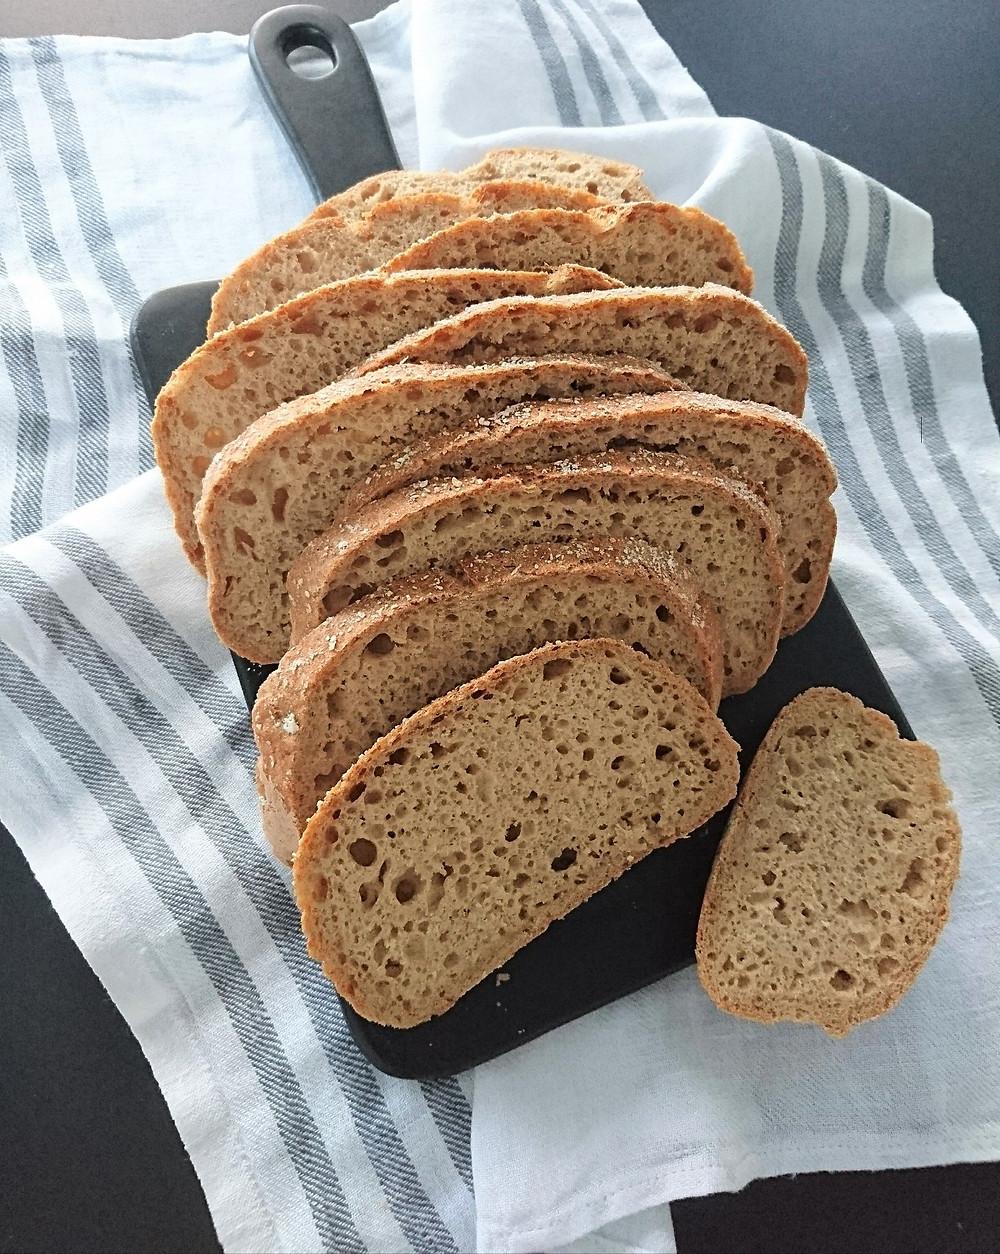 Pataleipä maistuu keittojen ja salaatin kanssa. Siitä on mukava tehdä myös herkulliset eväsleivät vaikka töihin. Viipaloidun pataleivän ilmakuplista näkee kuinka kuohkeaa ja pehmeää leivästä tulee. Gluteeniton ja maidoton leipäohje sopii herkkävatsailsille ja vegaaneille.